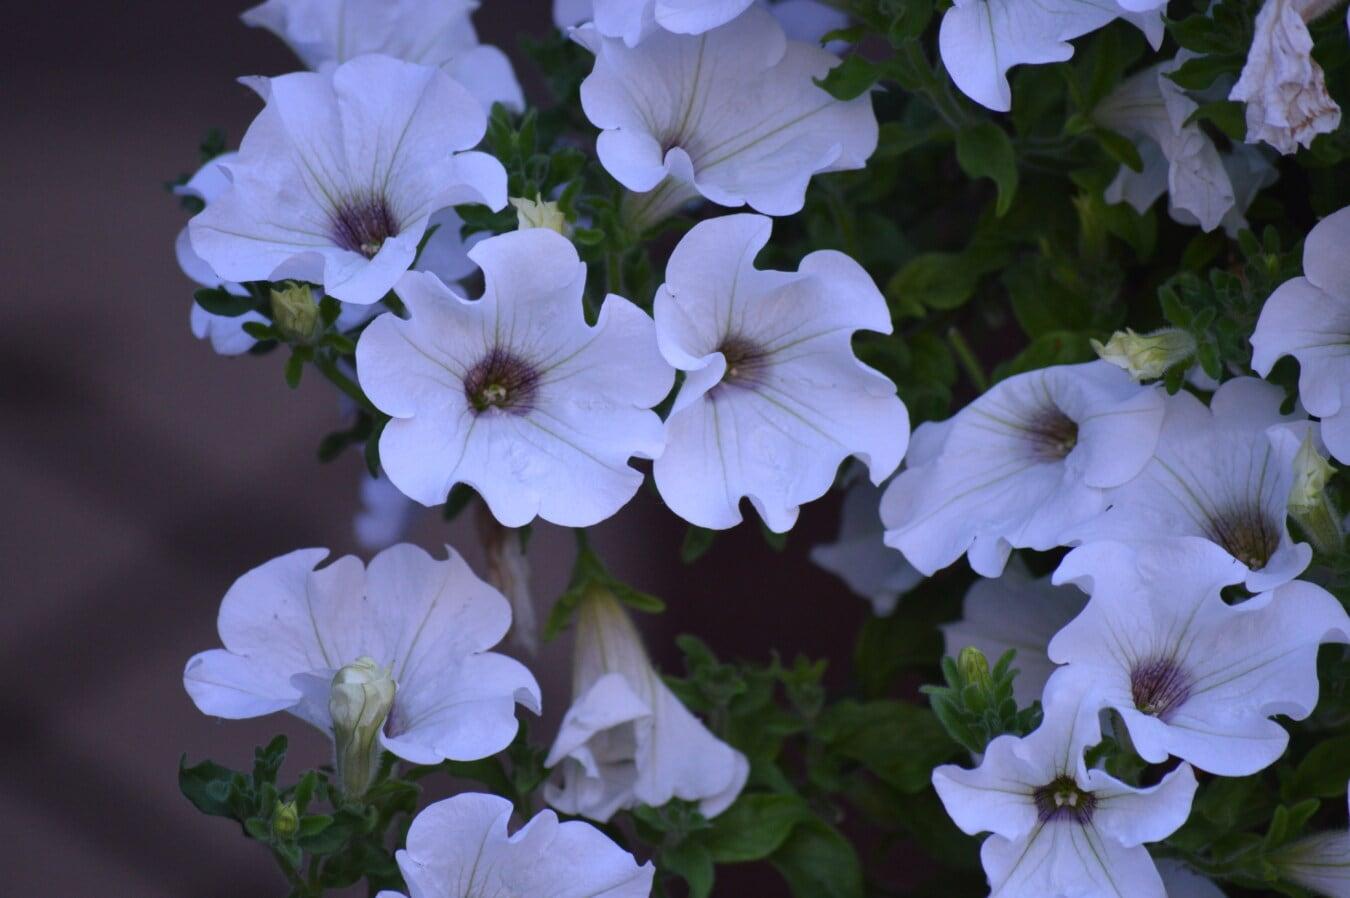 Petunia, weiße Blume, Garten, Blumen, Blatt, Anlage, Natur, Flora, Blume, blühen